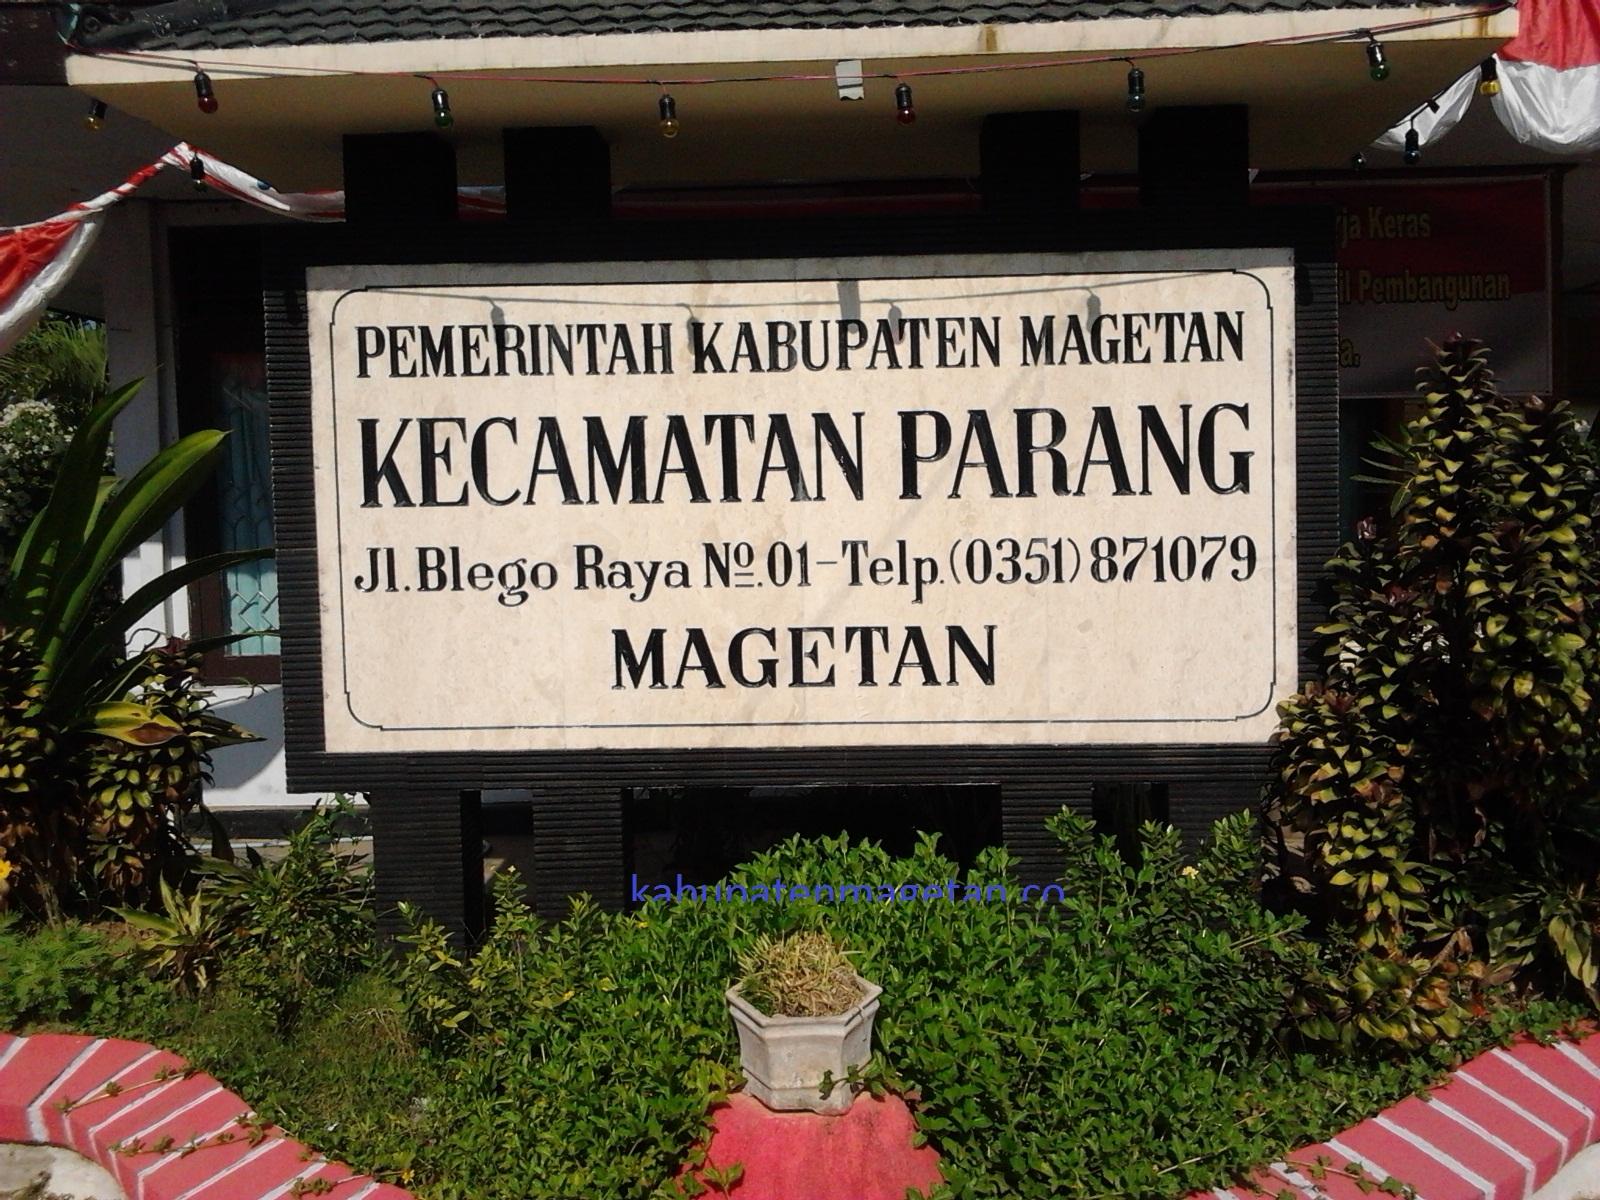 Pengumuman Cpns Kabupaten Magetan Cpnsnewscom Kantor Kecamatan Parang Kabupaten Magetan Go To Magetan